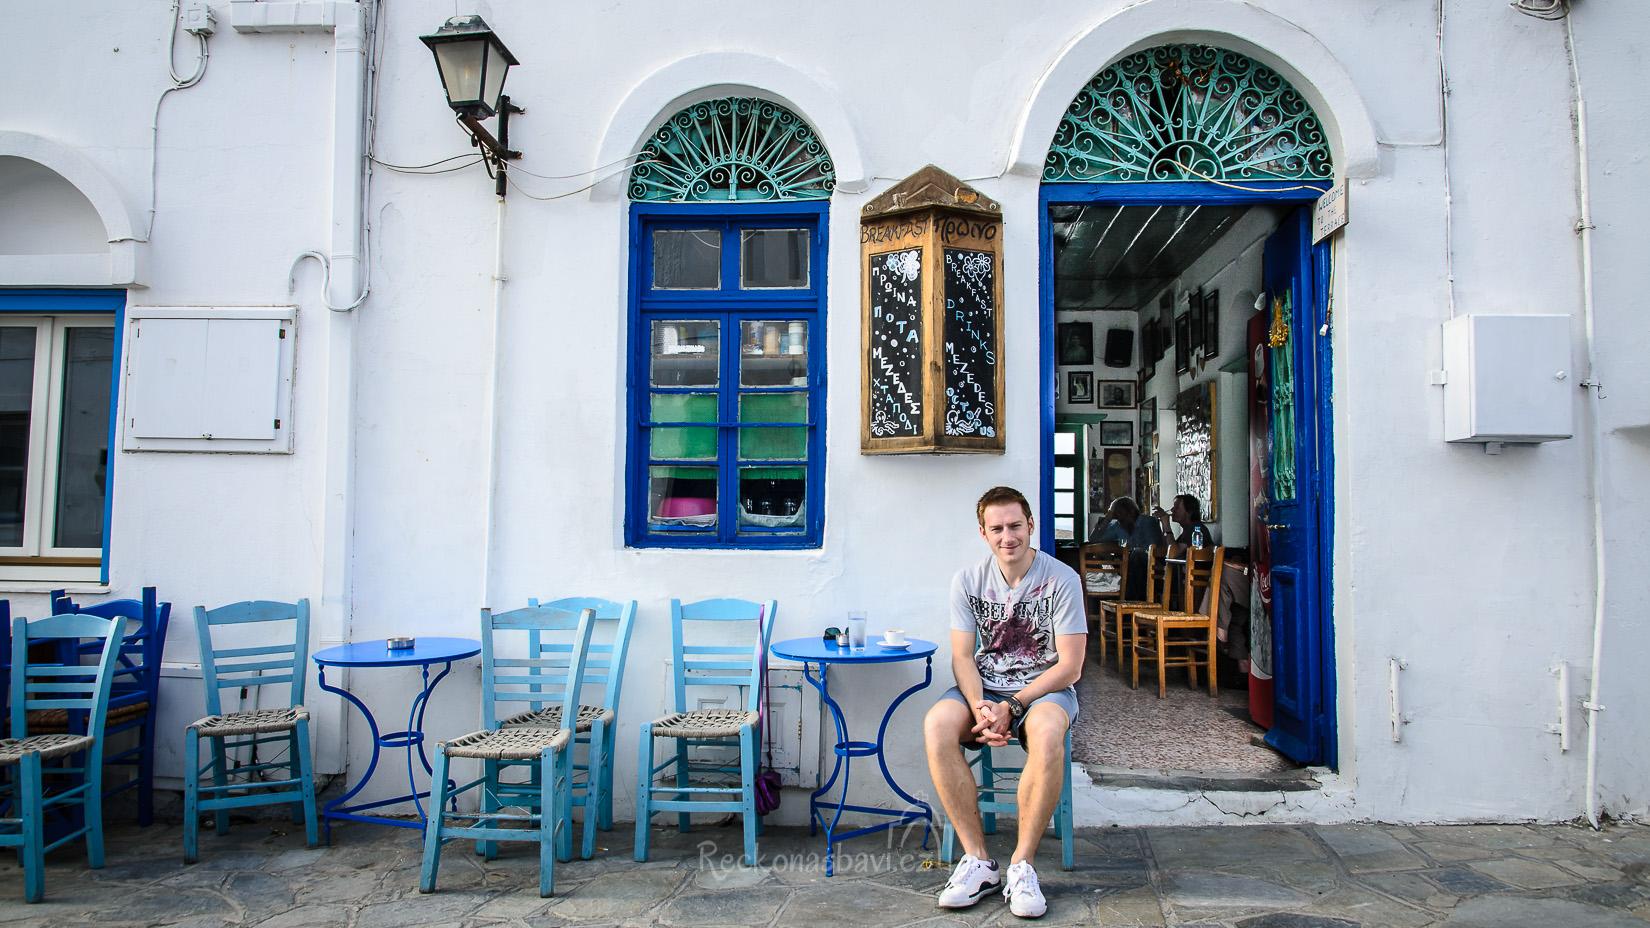 Kafenio bezpečně poznáte podle typicky dřevěných, většinou modrých, židliček s proplétaným sedátkem a na ní sedícím řeckým dědulou. Za pár let zarostu vousem a bude to dokonalý :)